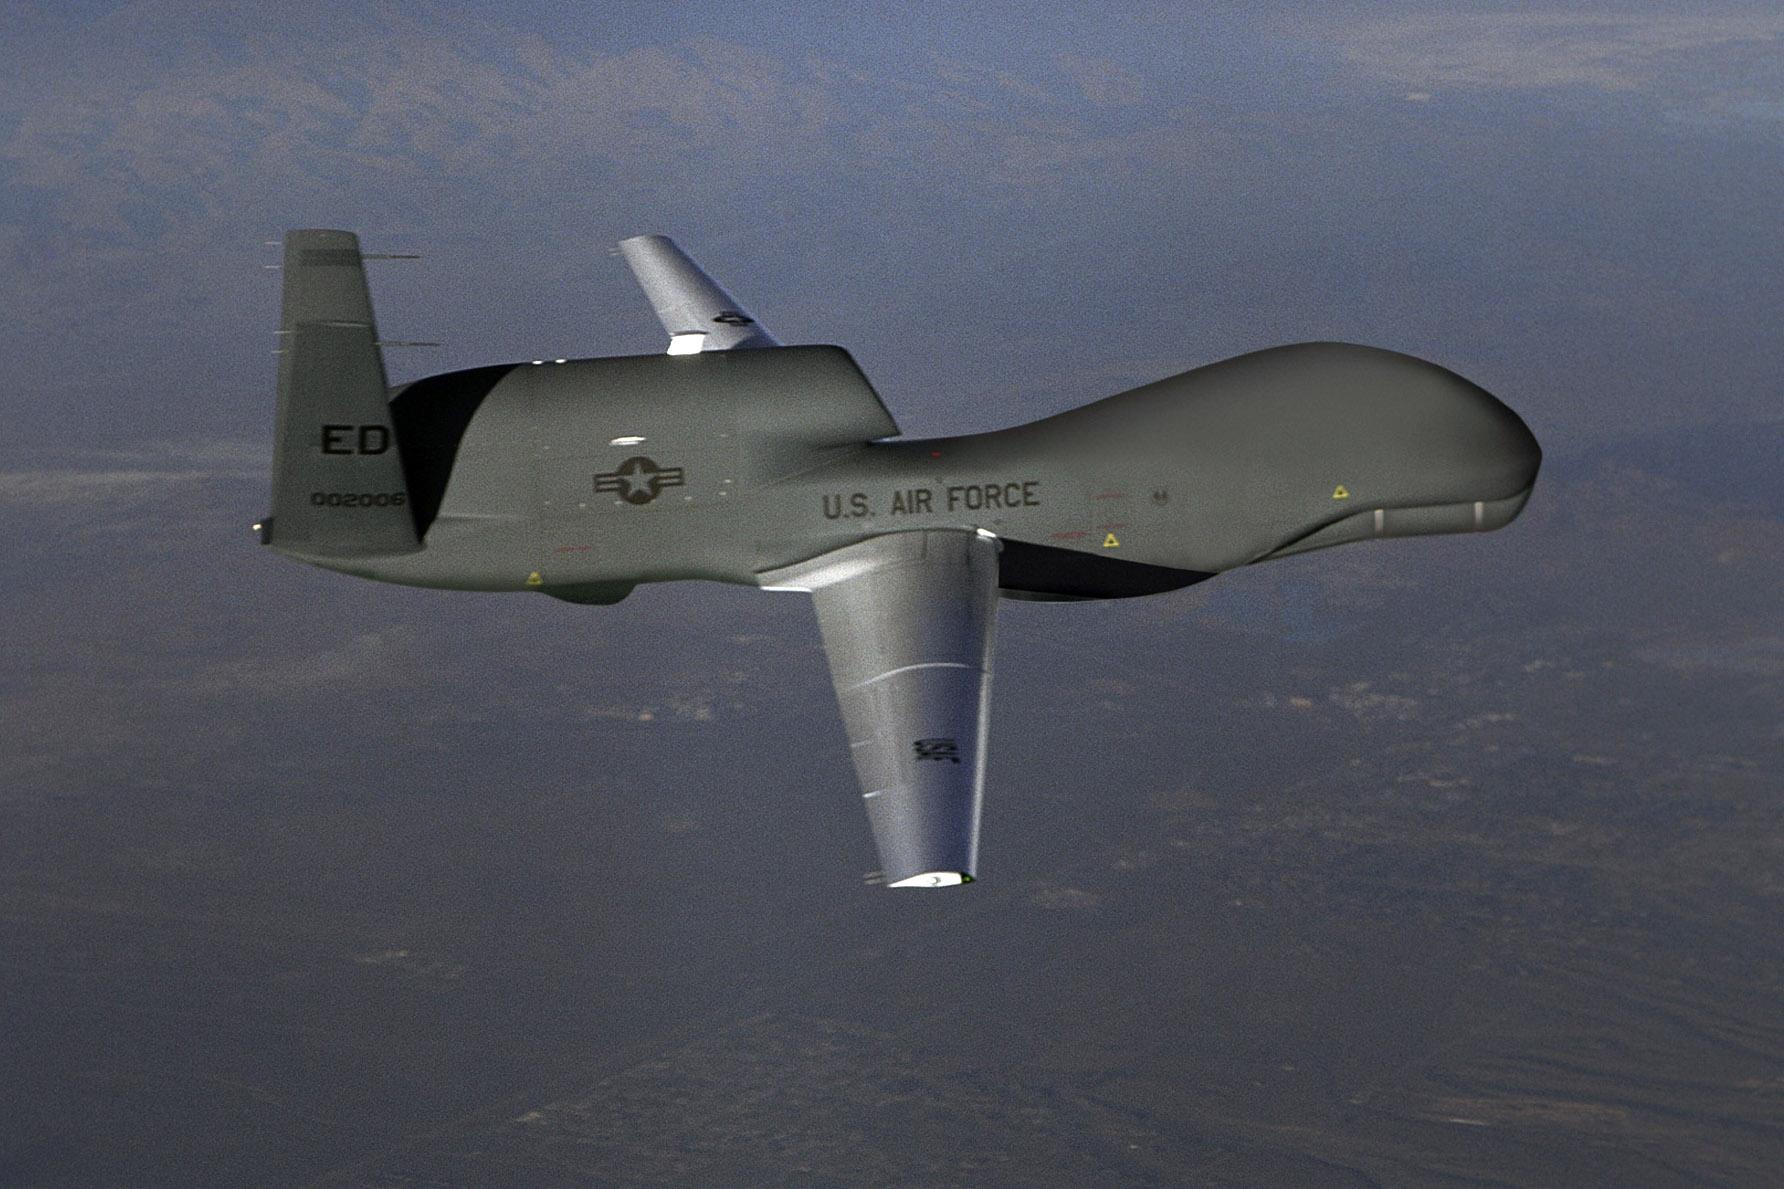 İnsansız hava aracı üstünlüğü sona erdirilebilir mi?